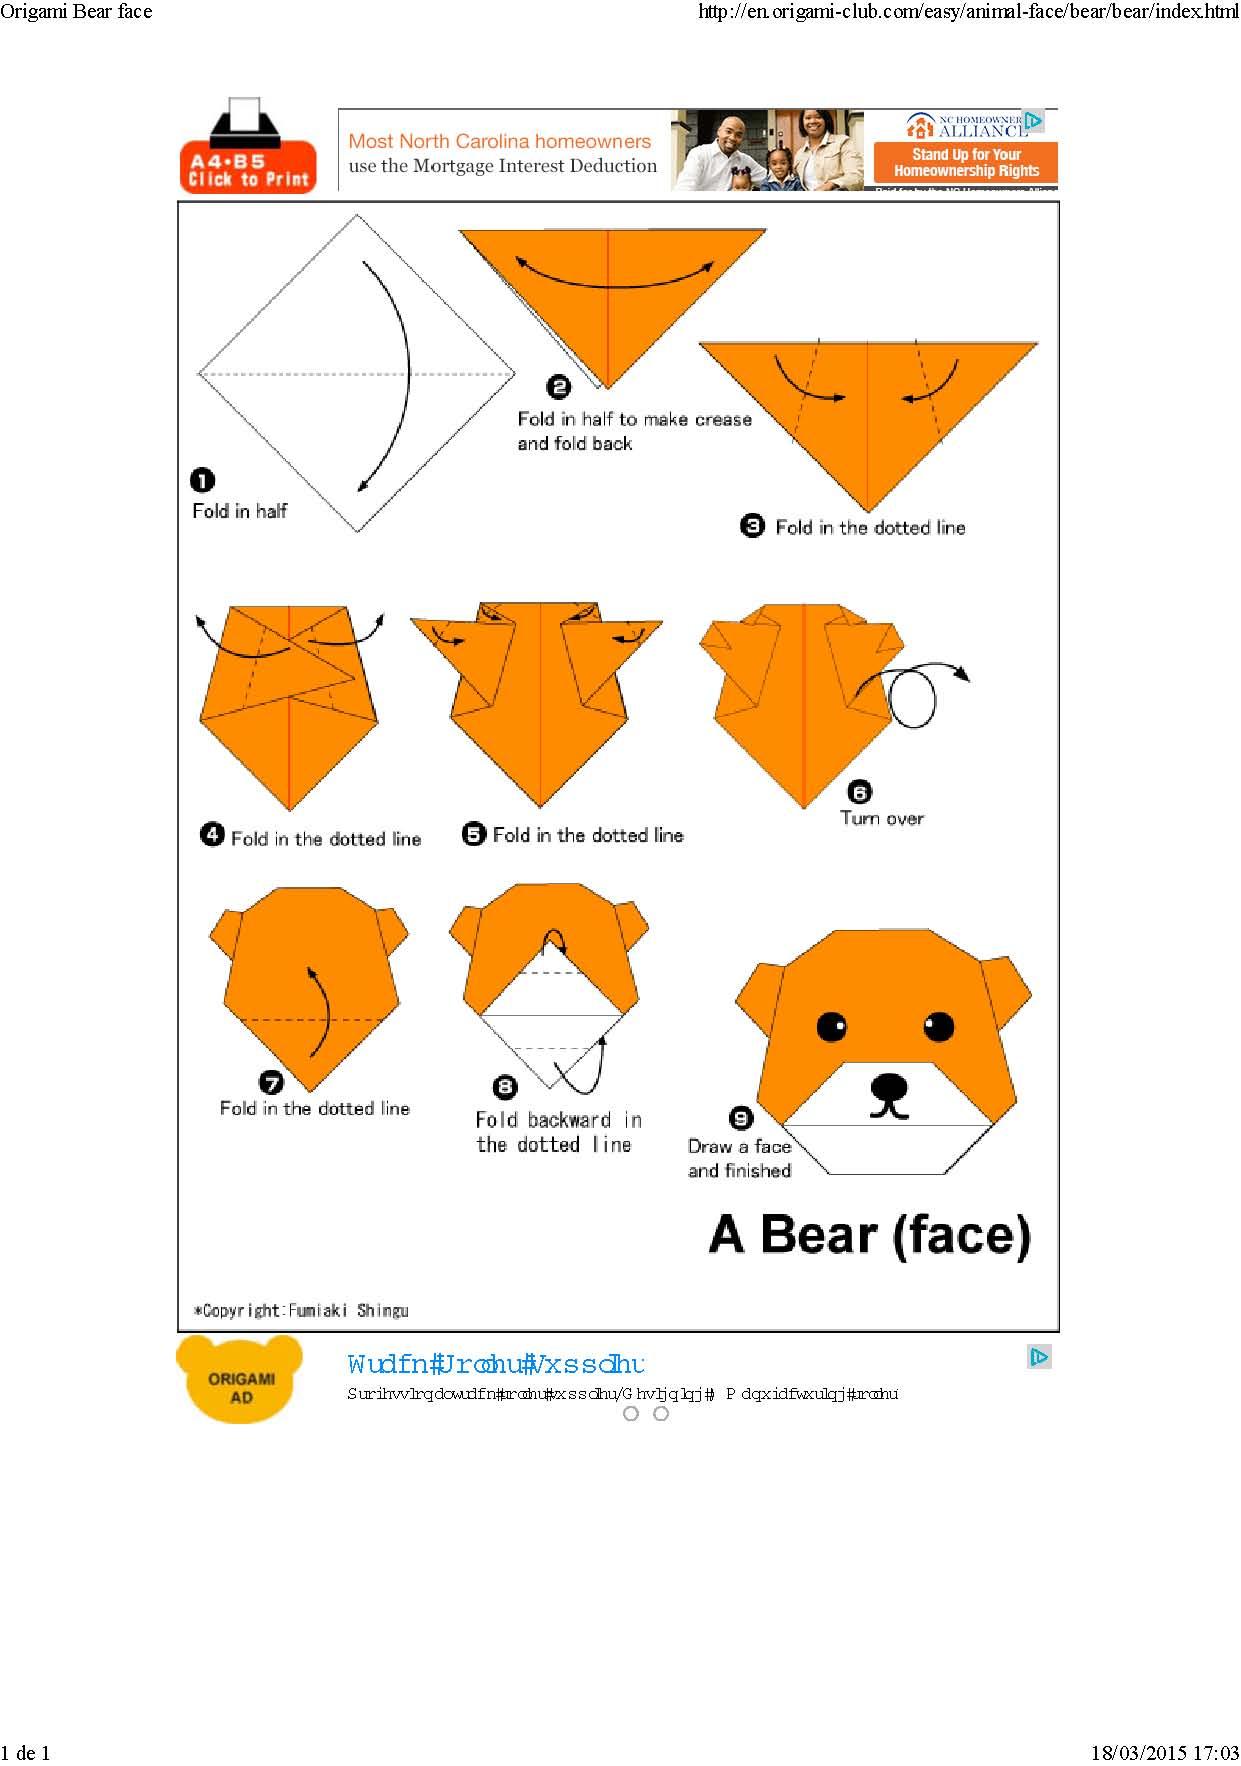 Origami Caras de Animales_Página_4 - Imagenes Educativas